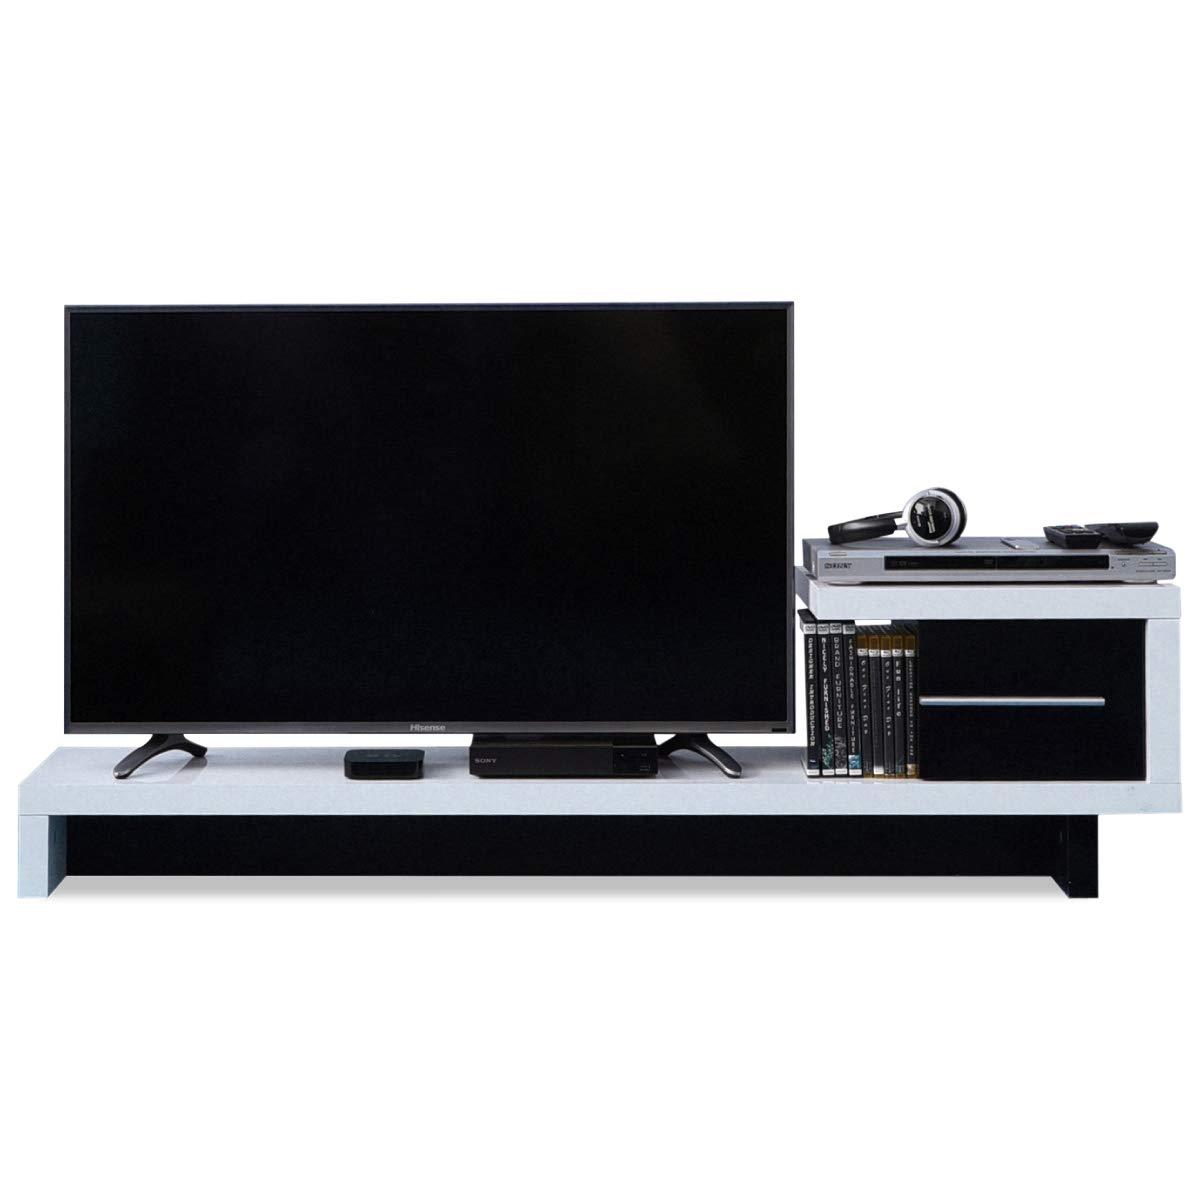 JKプラン テレビ台 ローボード テレビボード フロアータイプ テレビラック デザイン テレビ台 40型 対応 配線すっきり 自在 TV台 ホワイト 白 TSFTV0001WH B07GBTDL2T ホワイト